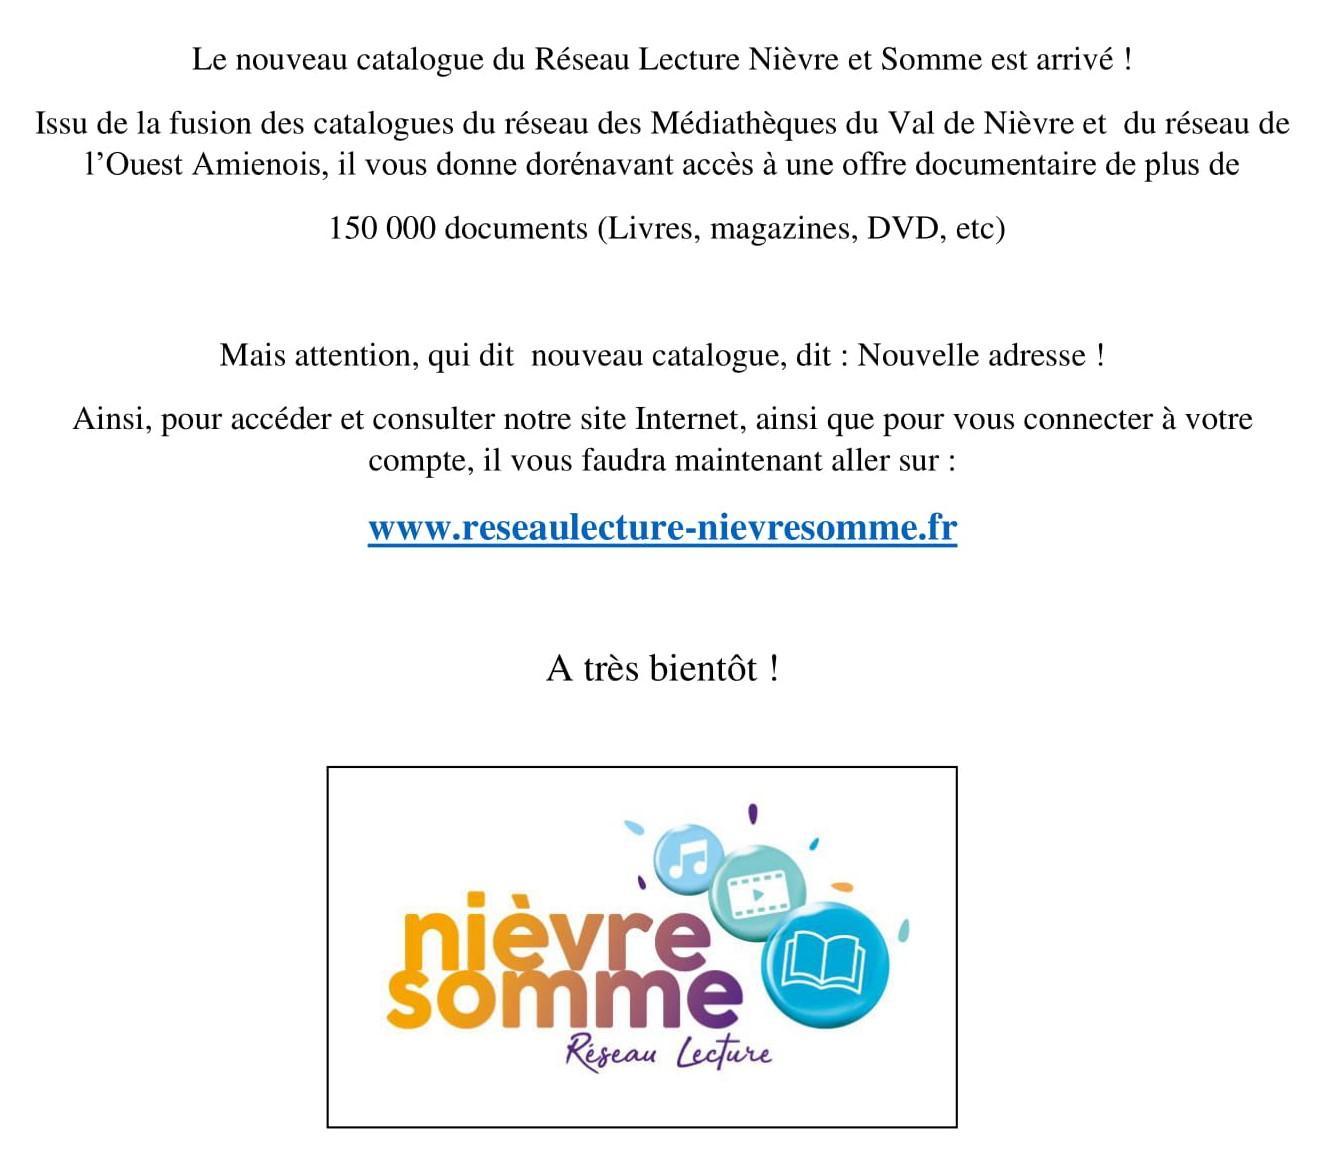 Réseau lecture Nièvre et Somme